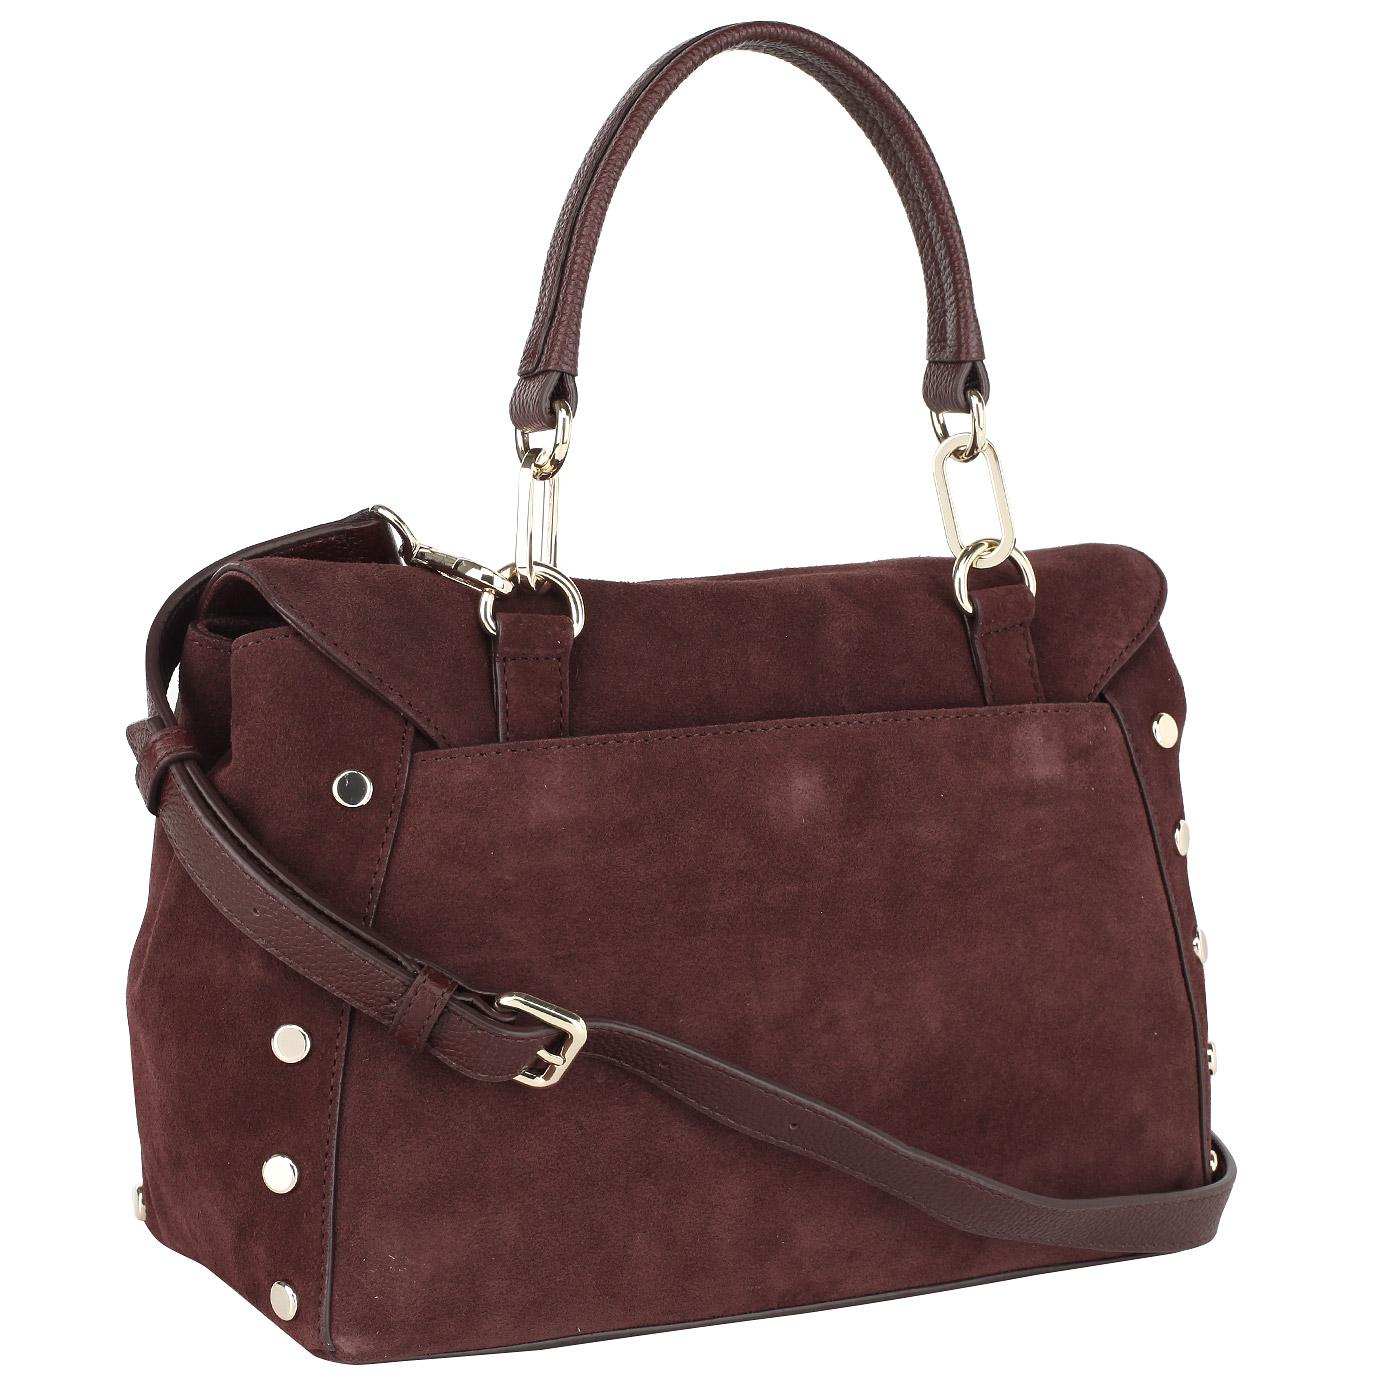 2d72b5f05d09 Бордовая замшевая сумка с откидным клапаном DKNY Suede R3122061-636 ...